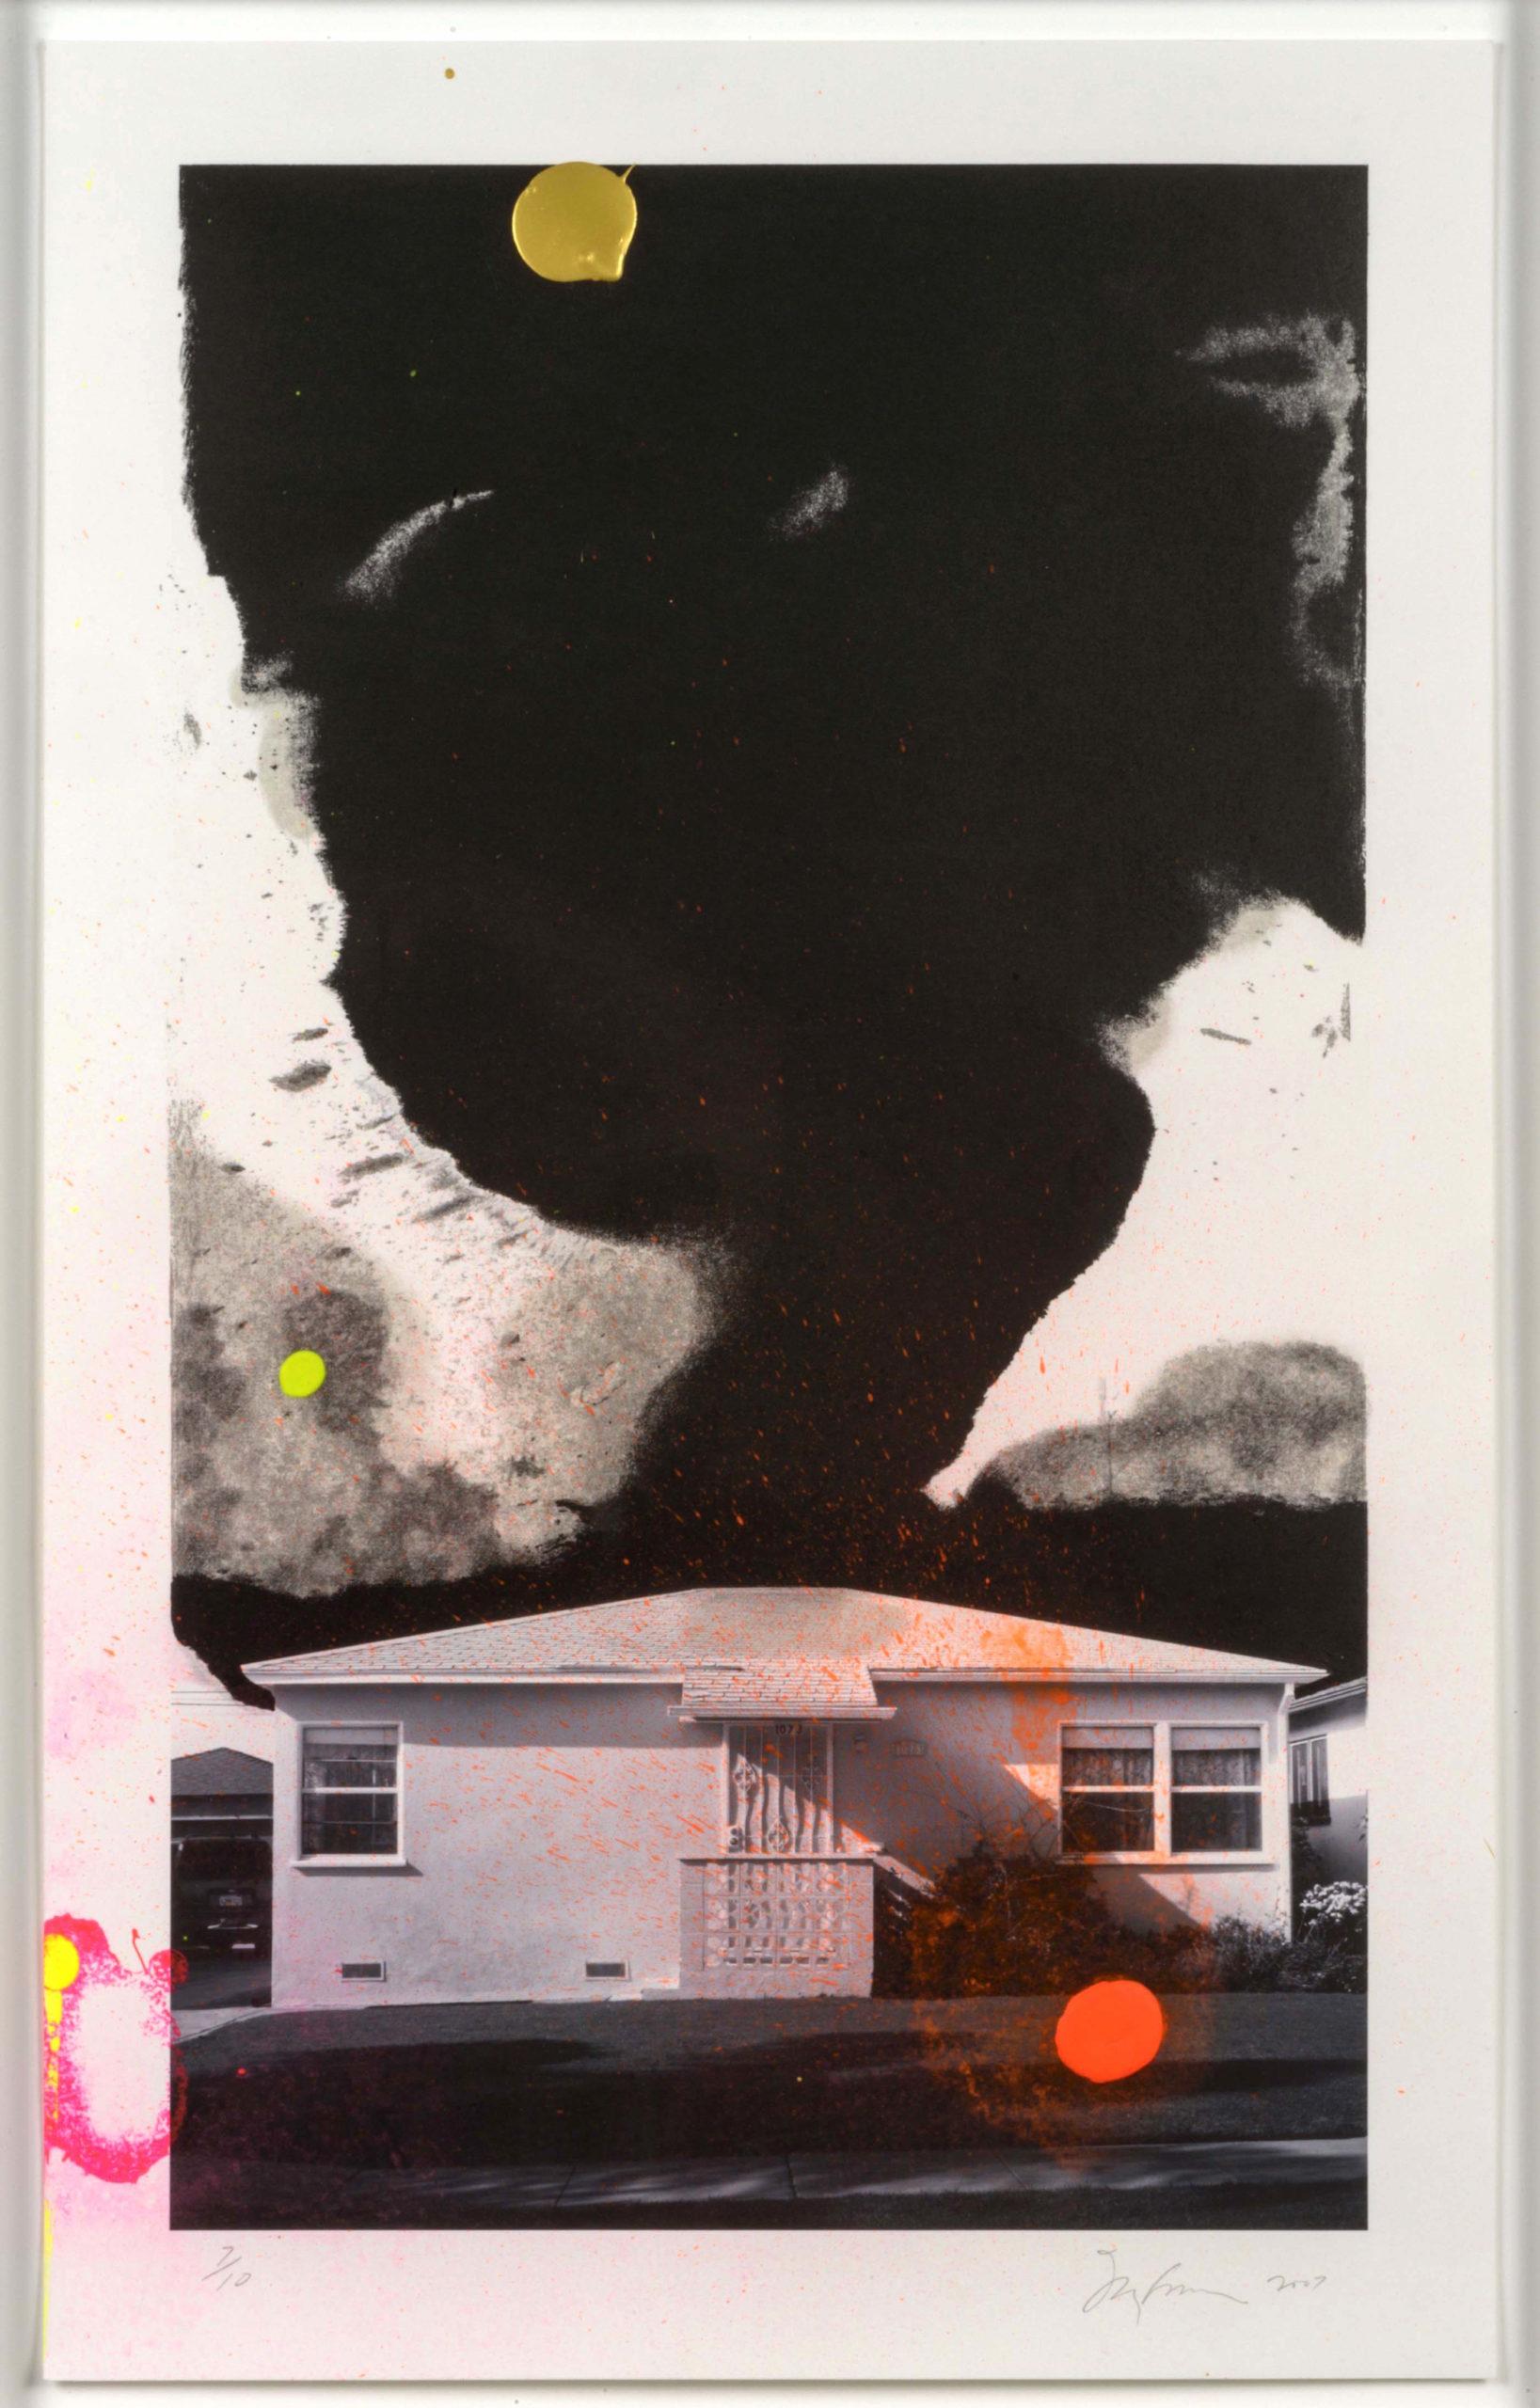 House Tornado (11532) by Joe Goode